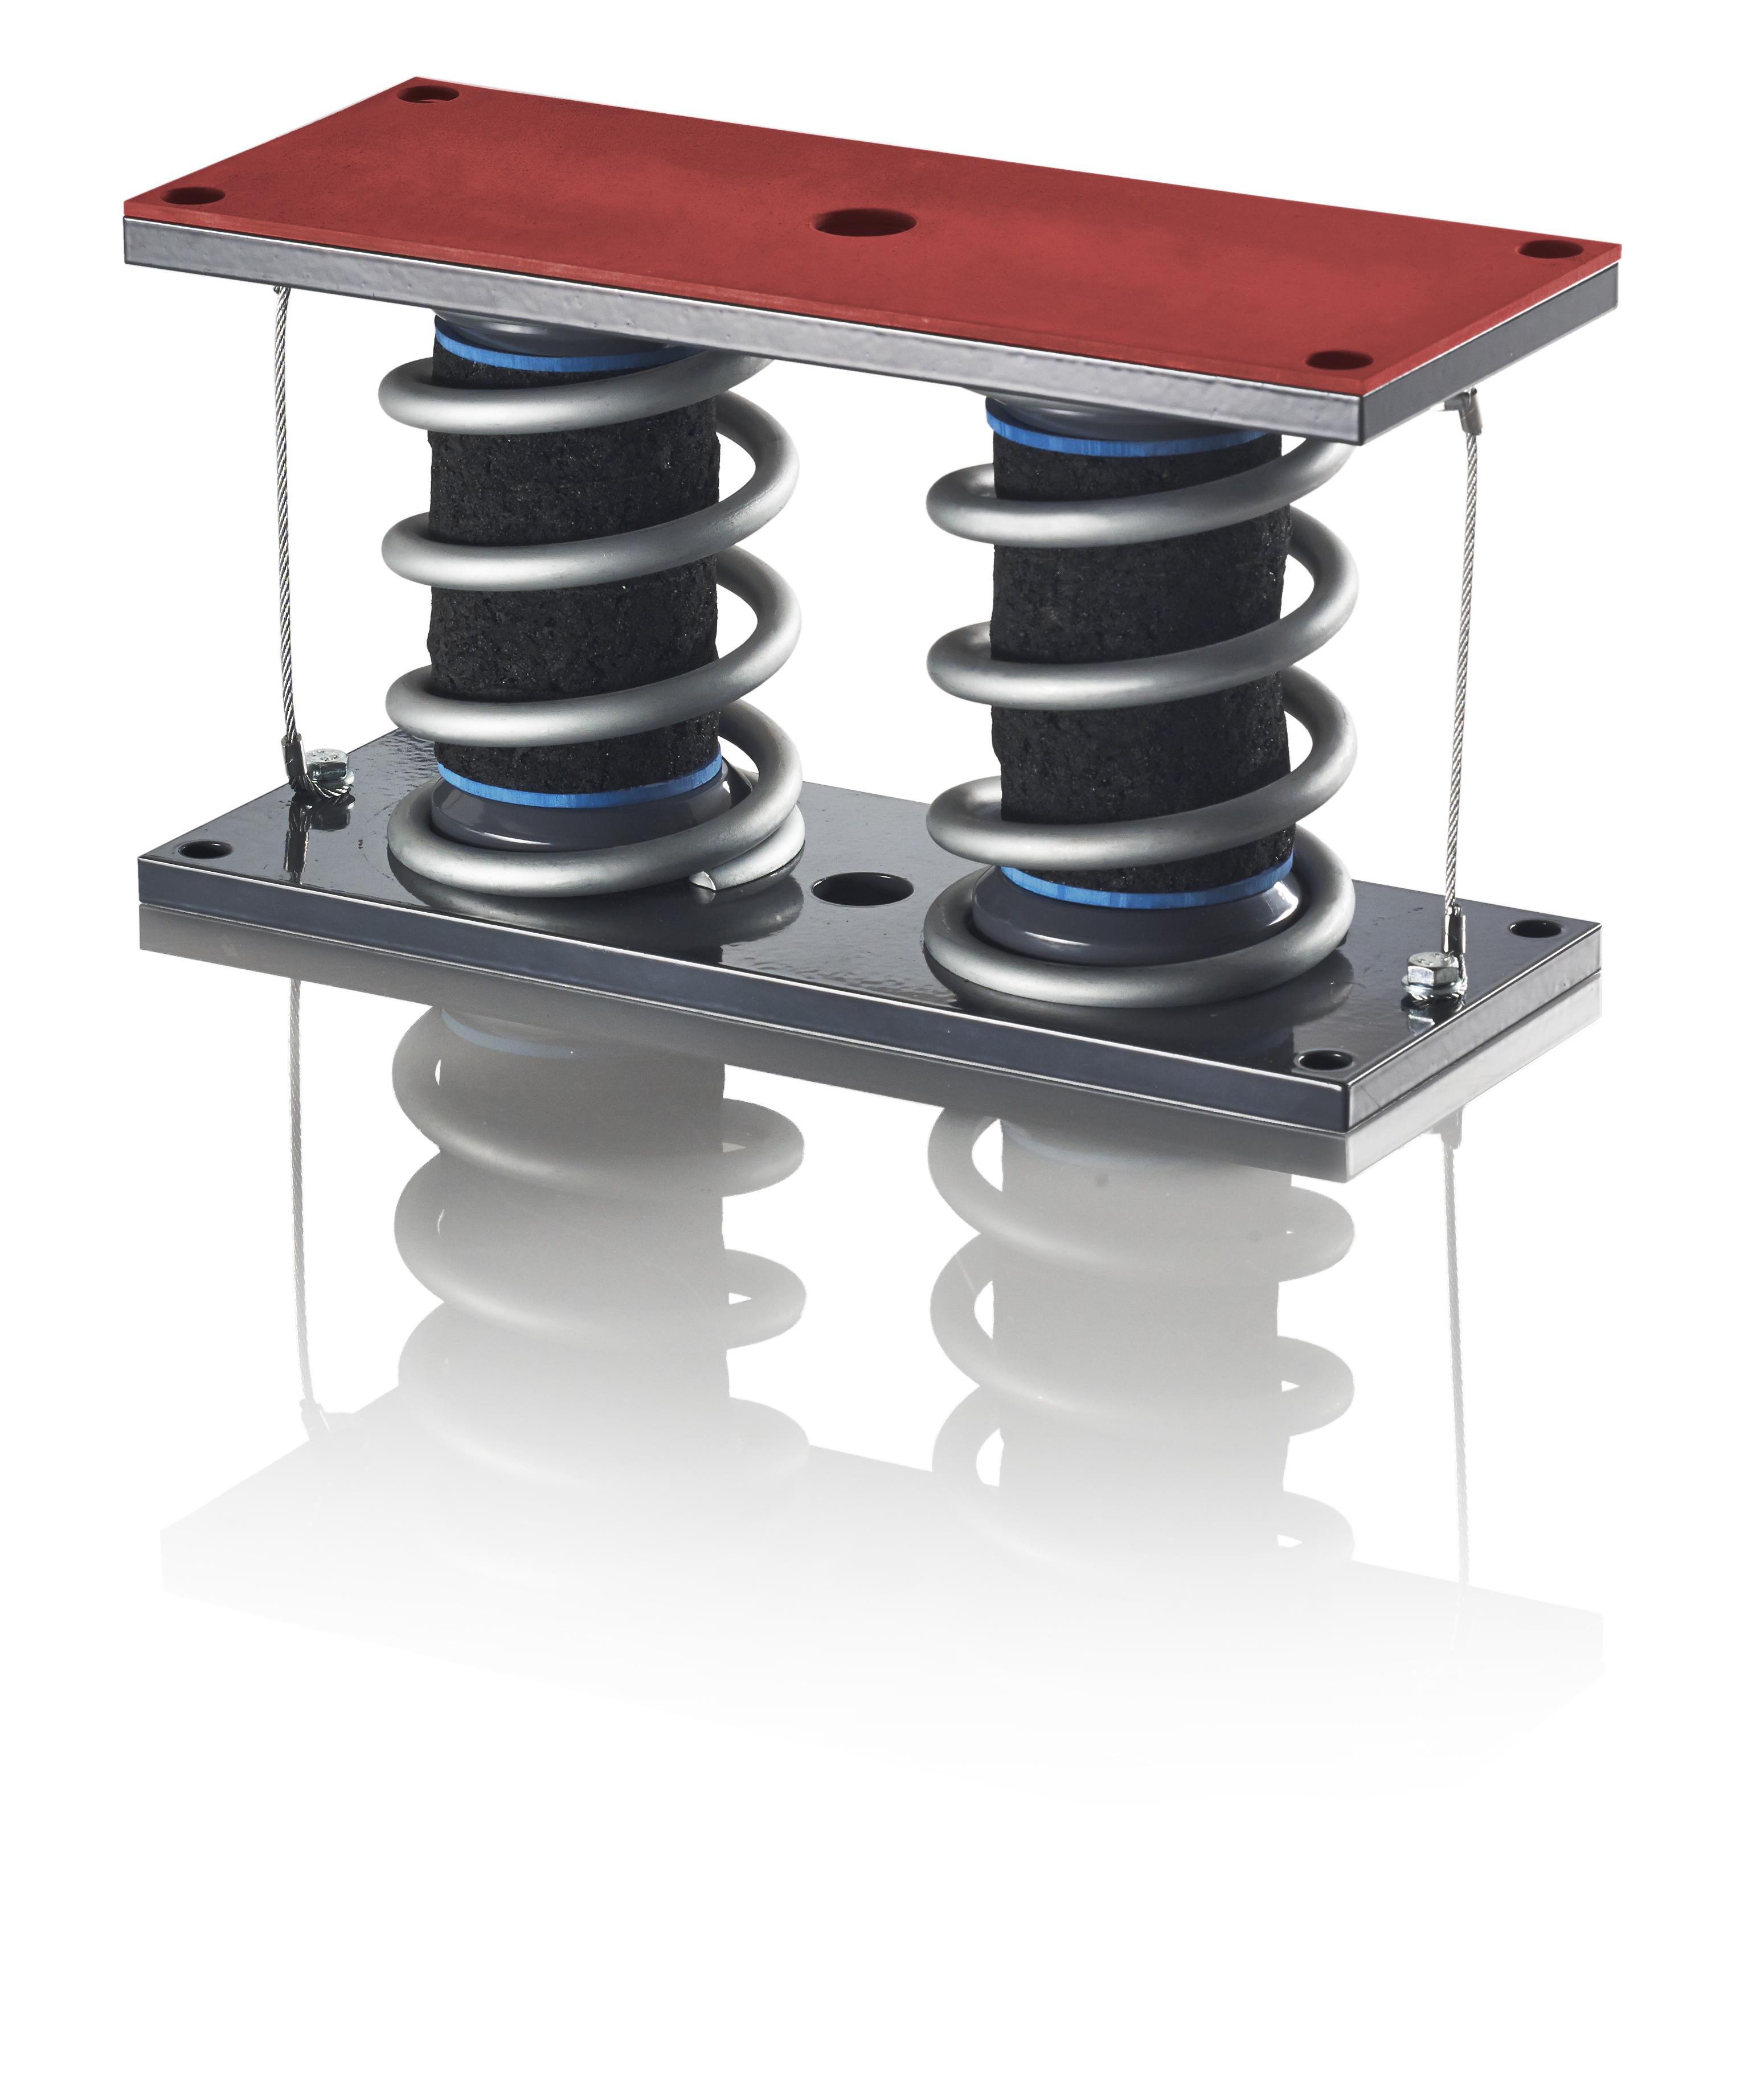 isoloc Feder-Dämpfer-System FEDAM (pat.) für die Schwingungsisolierung, vorzugsweise zur Empfängeris...